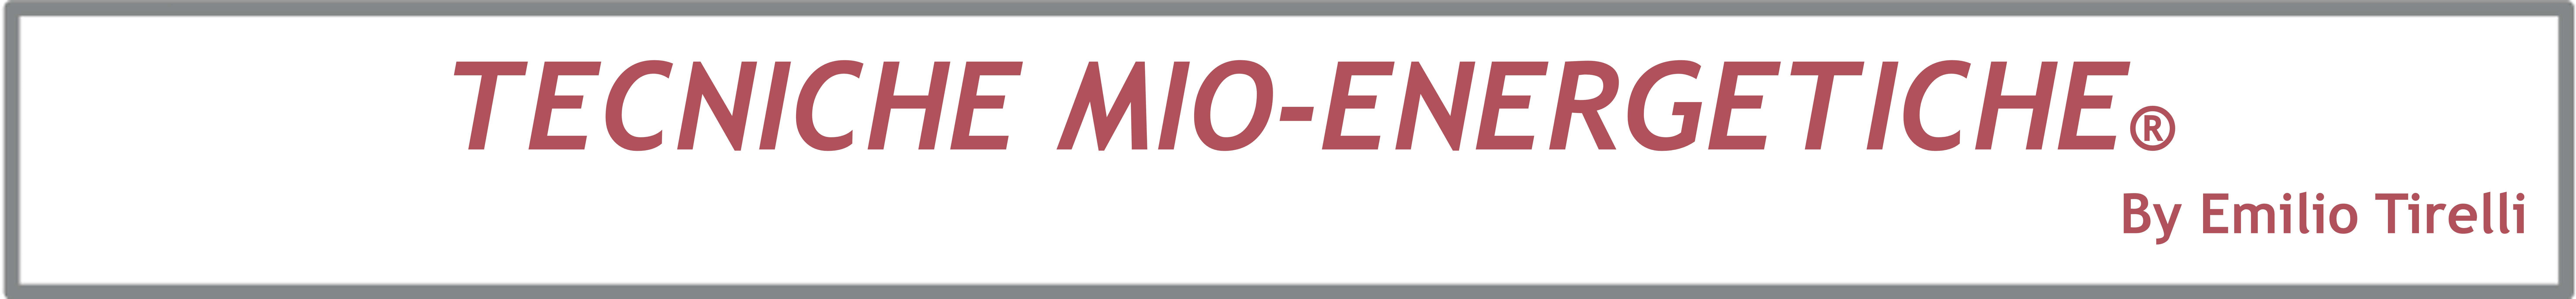 TECNICHE MIO-ENERGETICHE